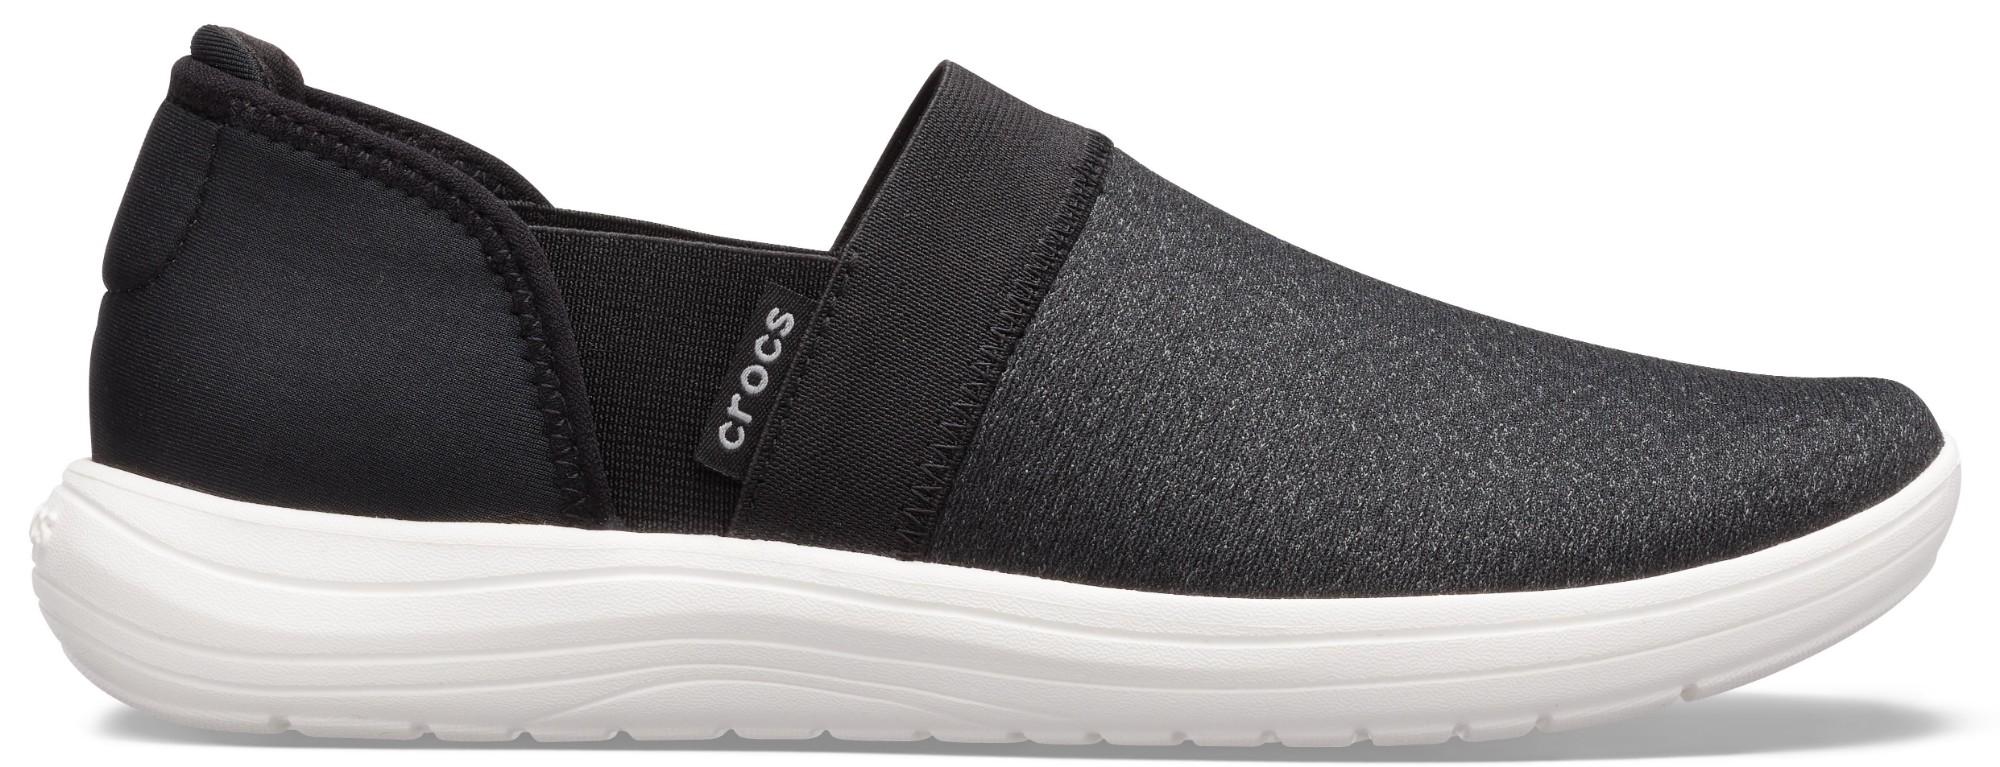 Crocs™ Reviva Slip-On Women's Black/White 38,5